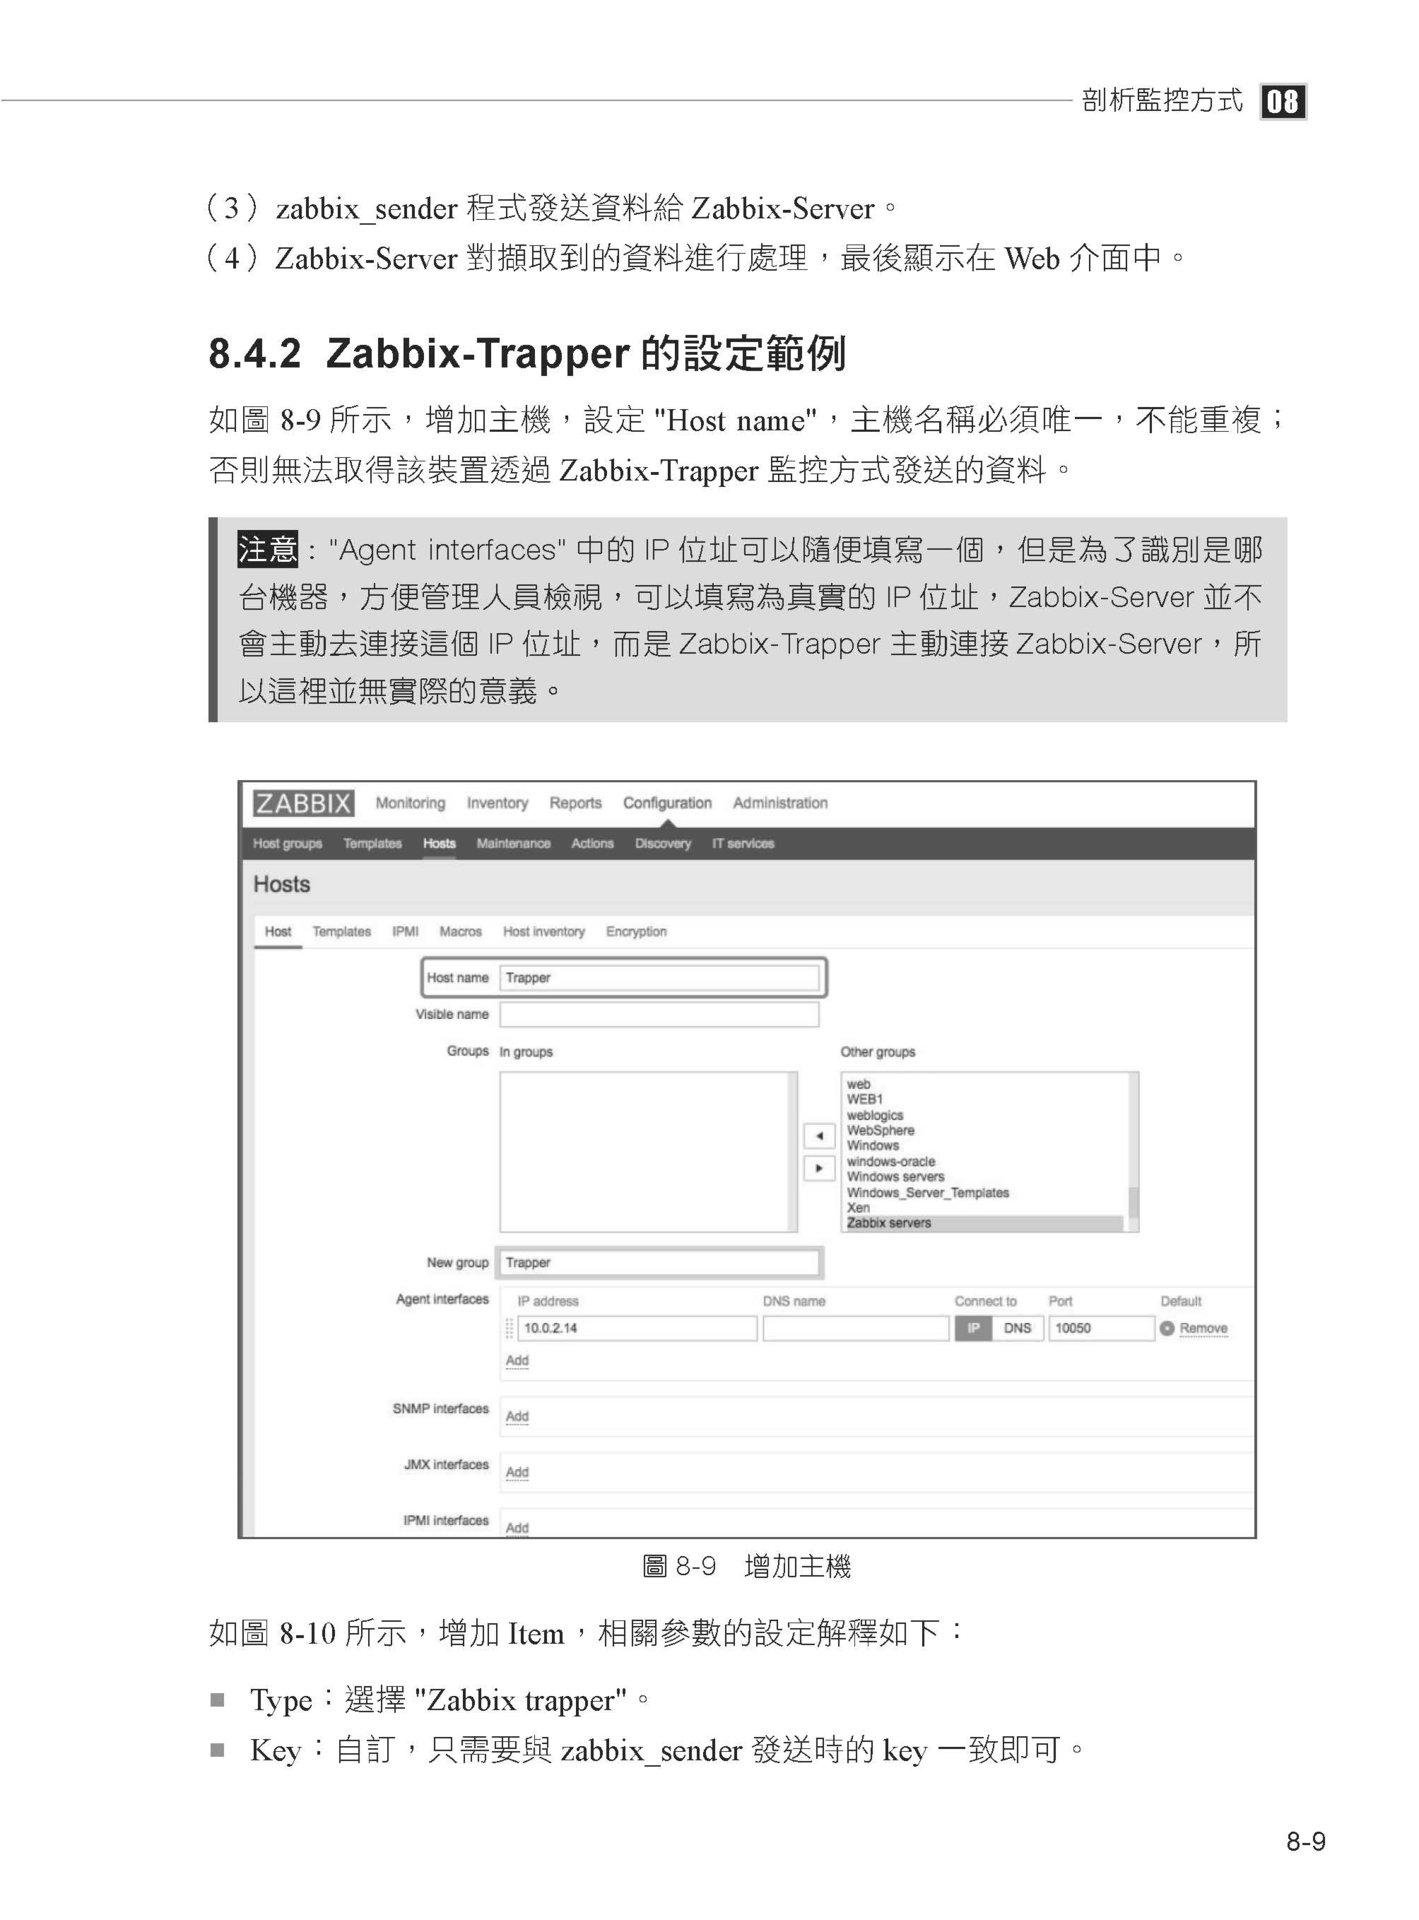 下世代超前佈署:用 Zabbix 全面監管巨量伺服器-preview-12